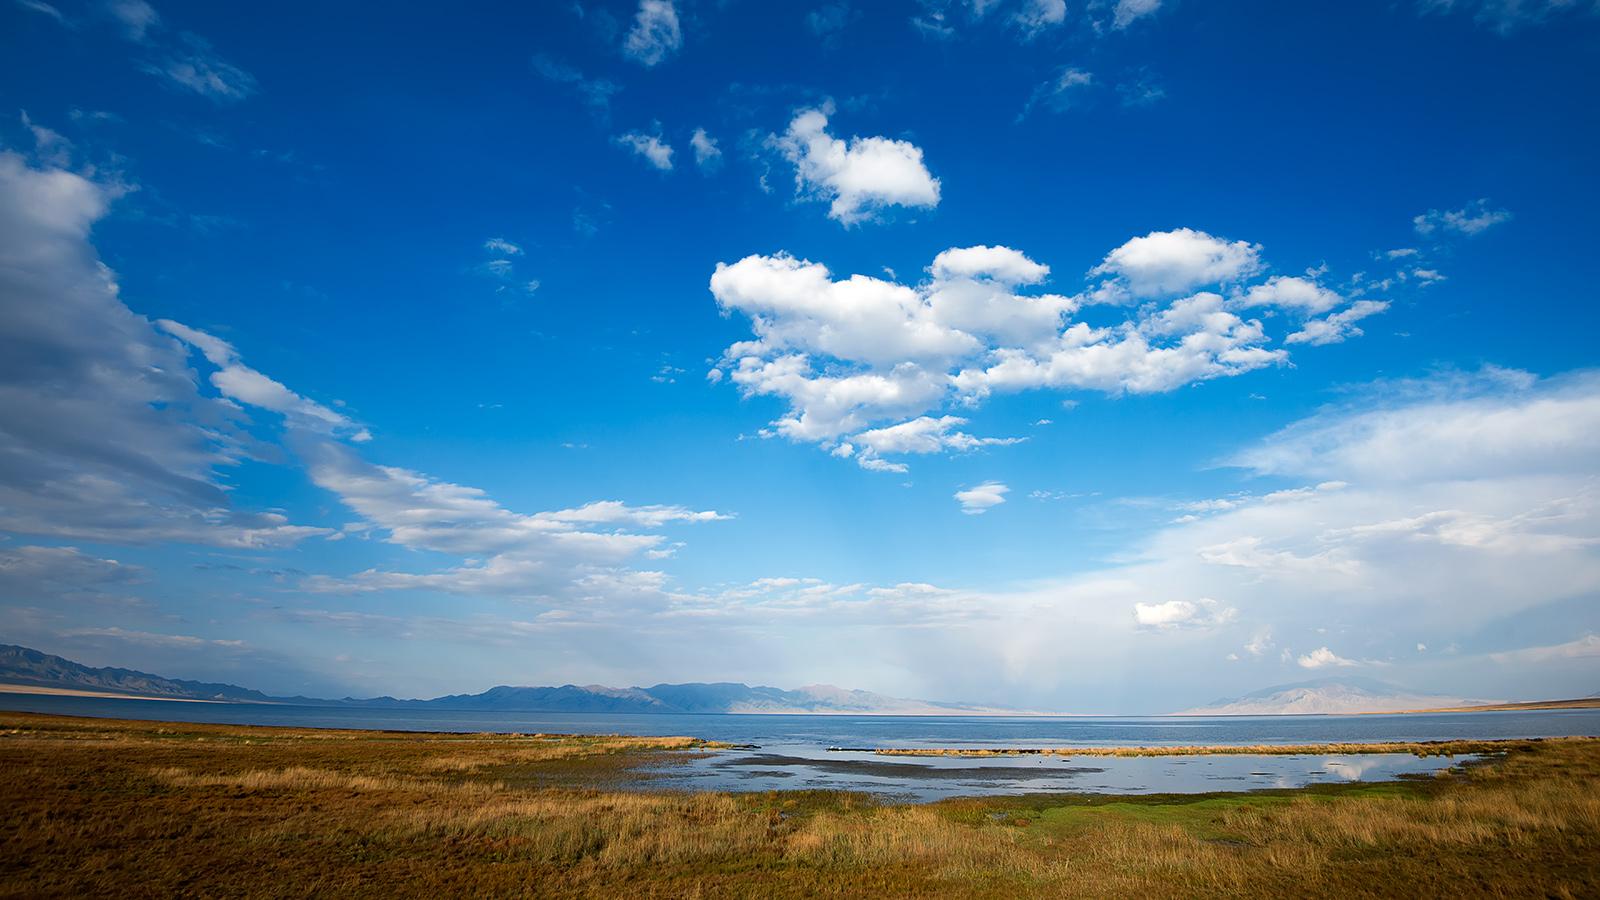 旅行者1971作品:新疆赛里木湖